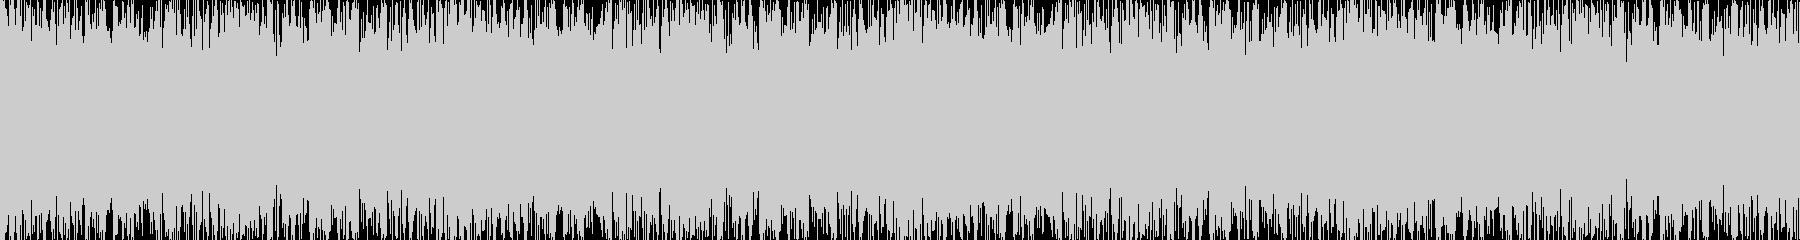 疾走感のあるオーケストラBGMの未再生の波形